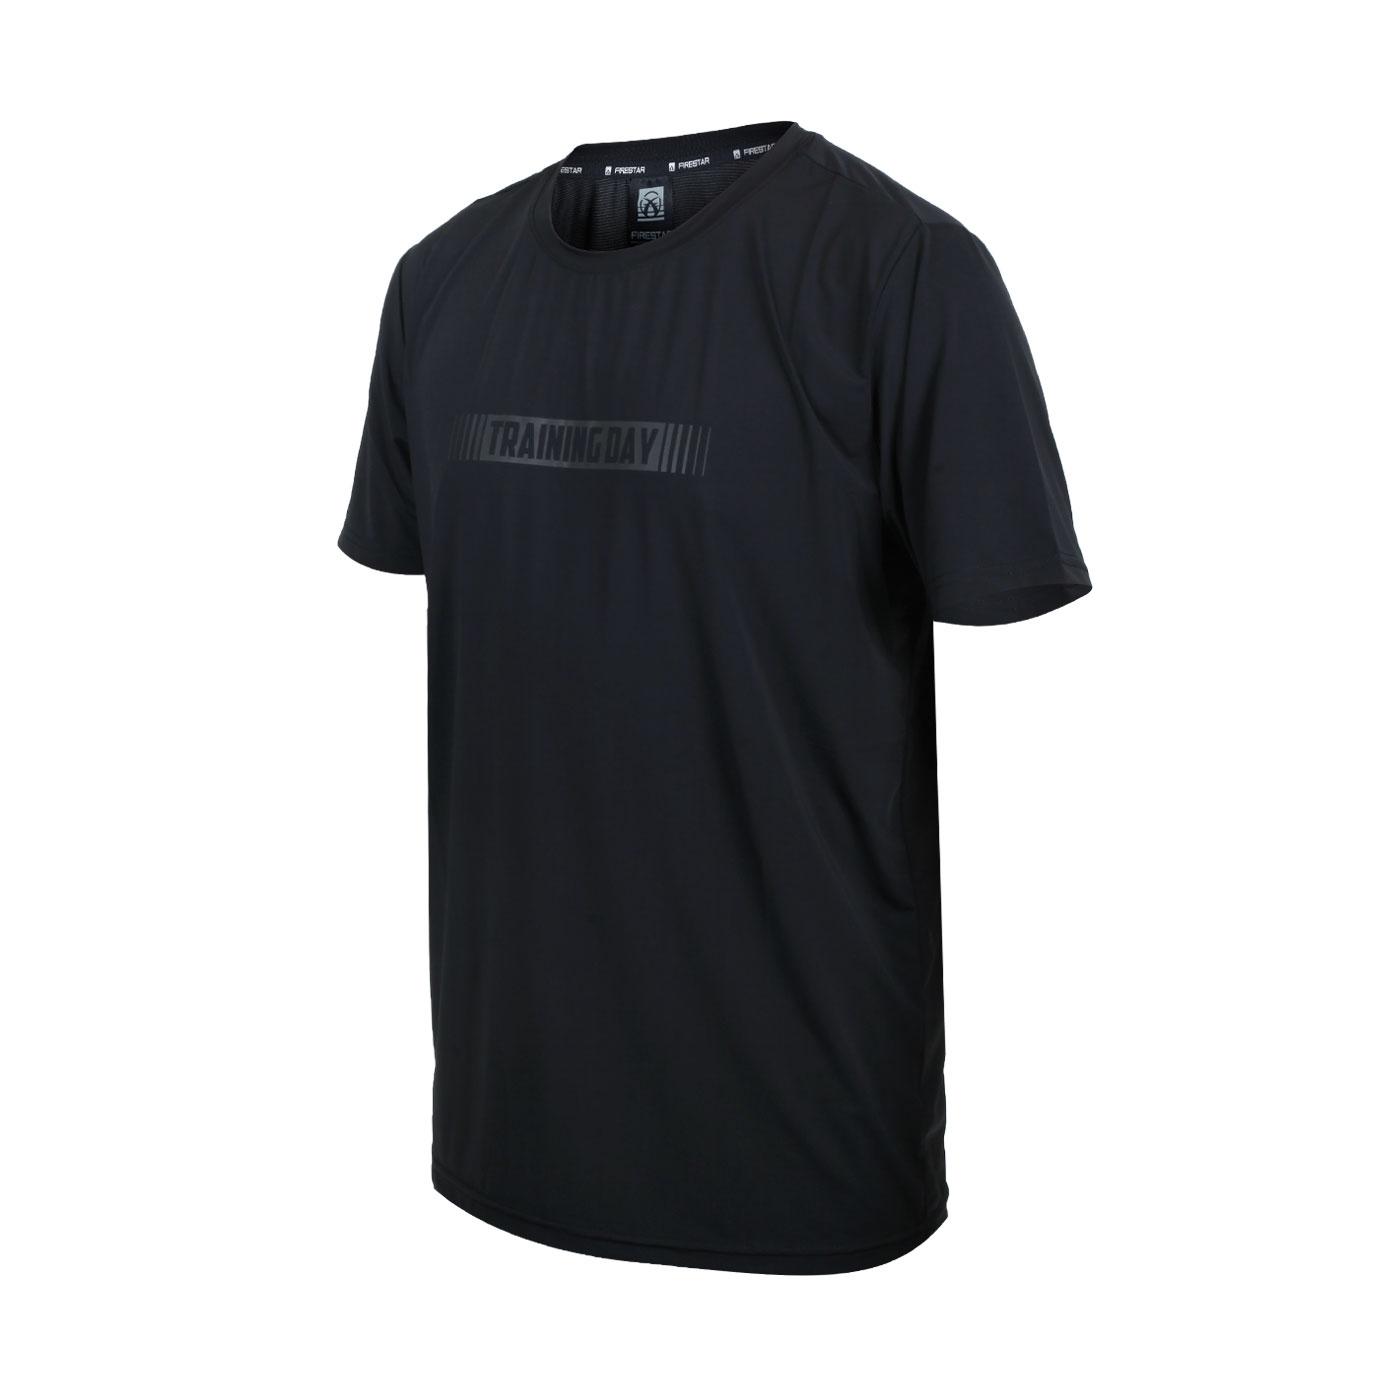 FIRESTAR 男款彈性印花圓領T恤 D1737-10